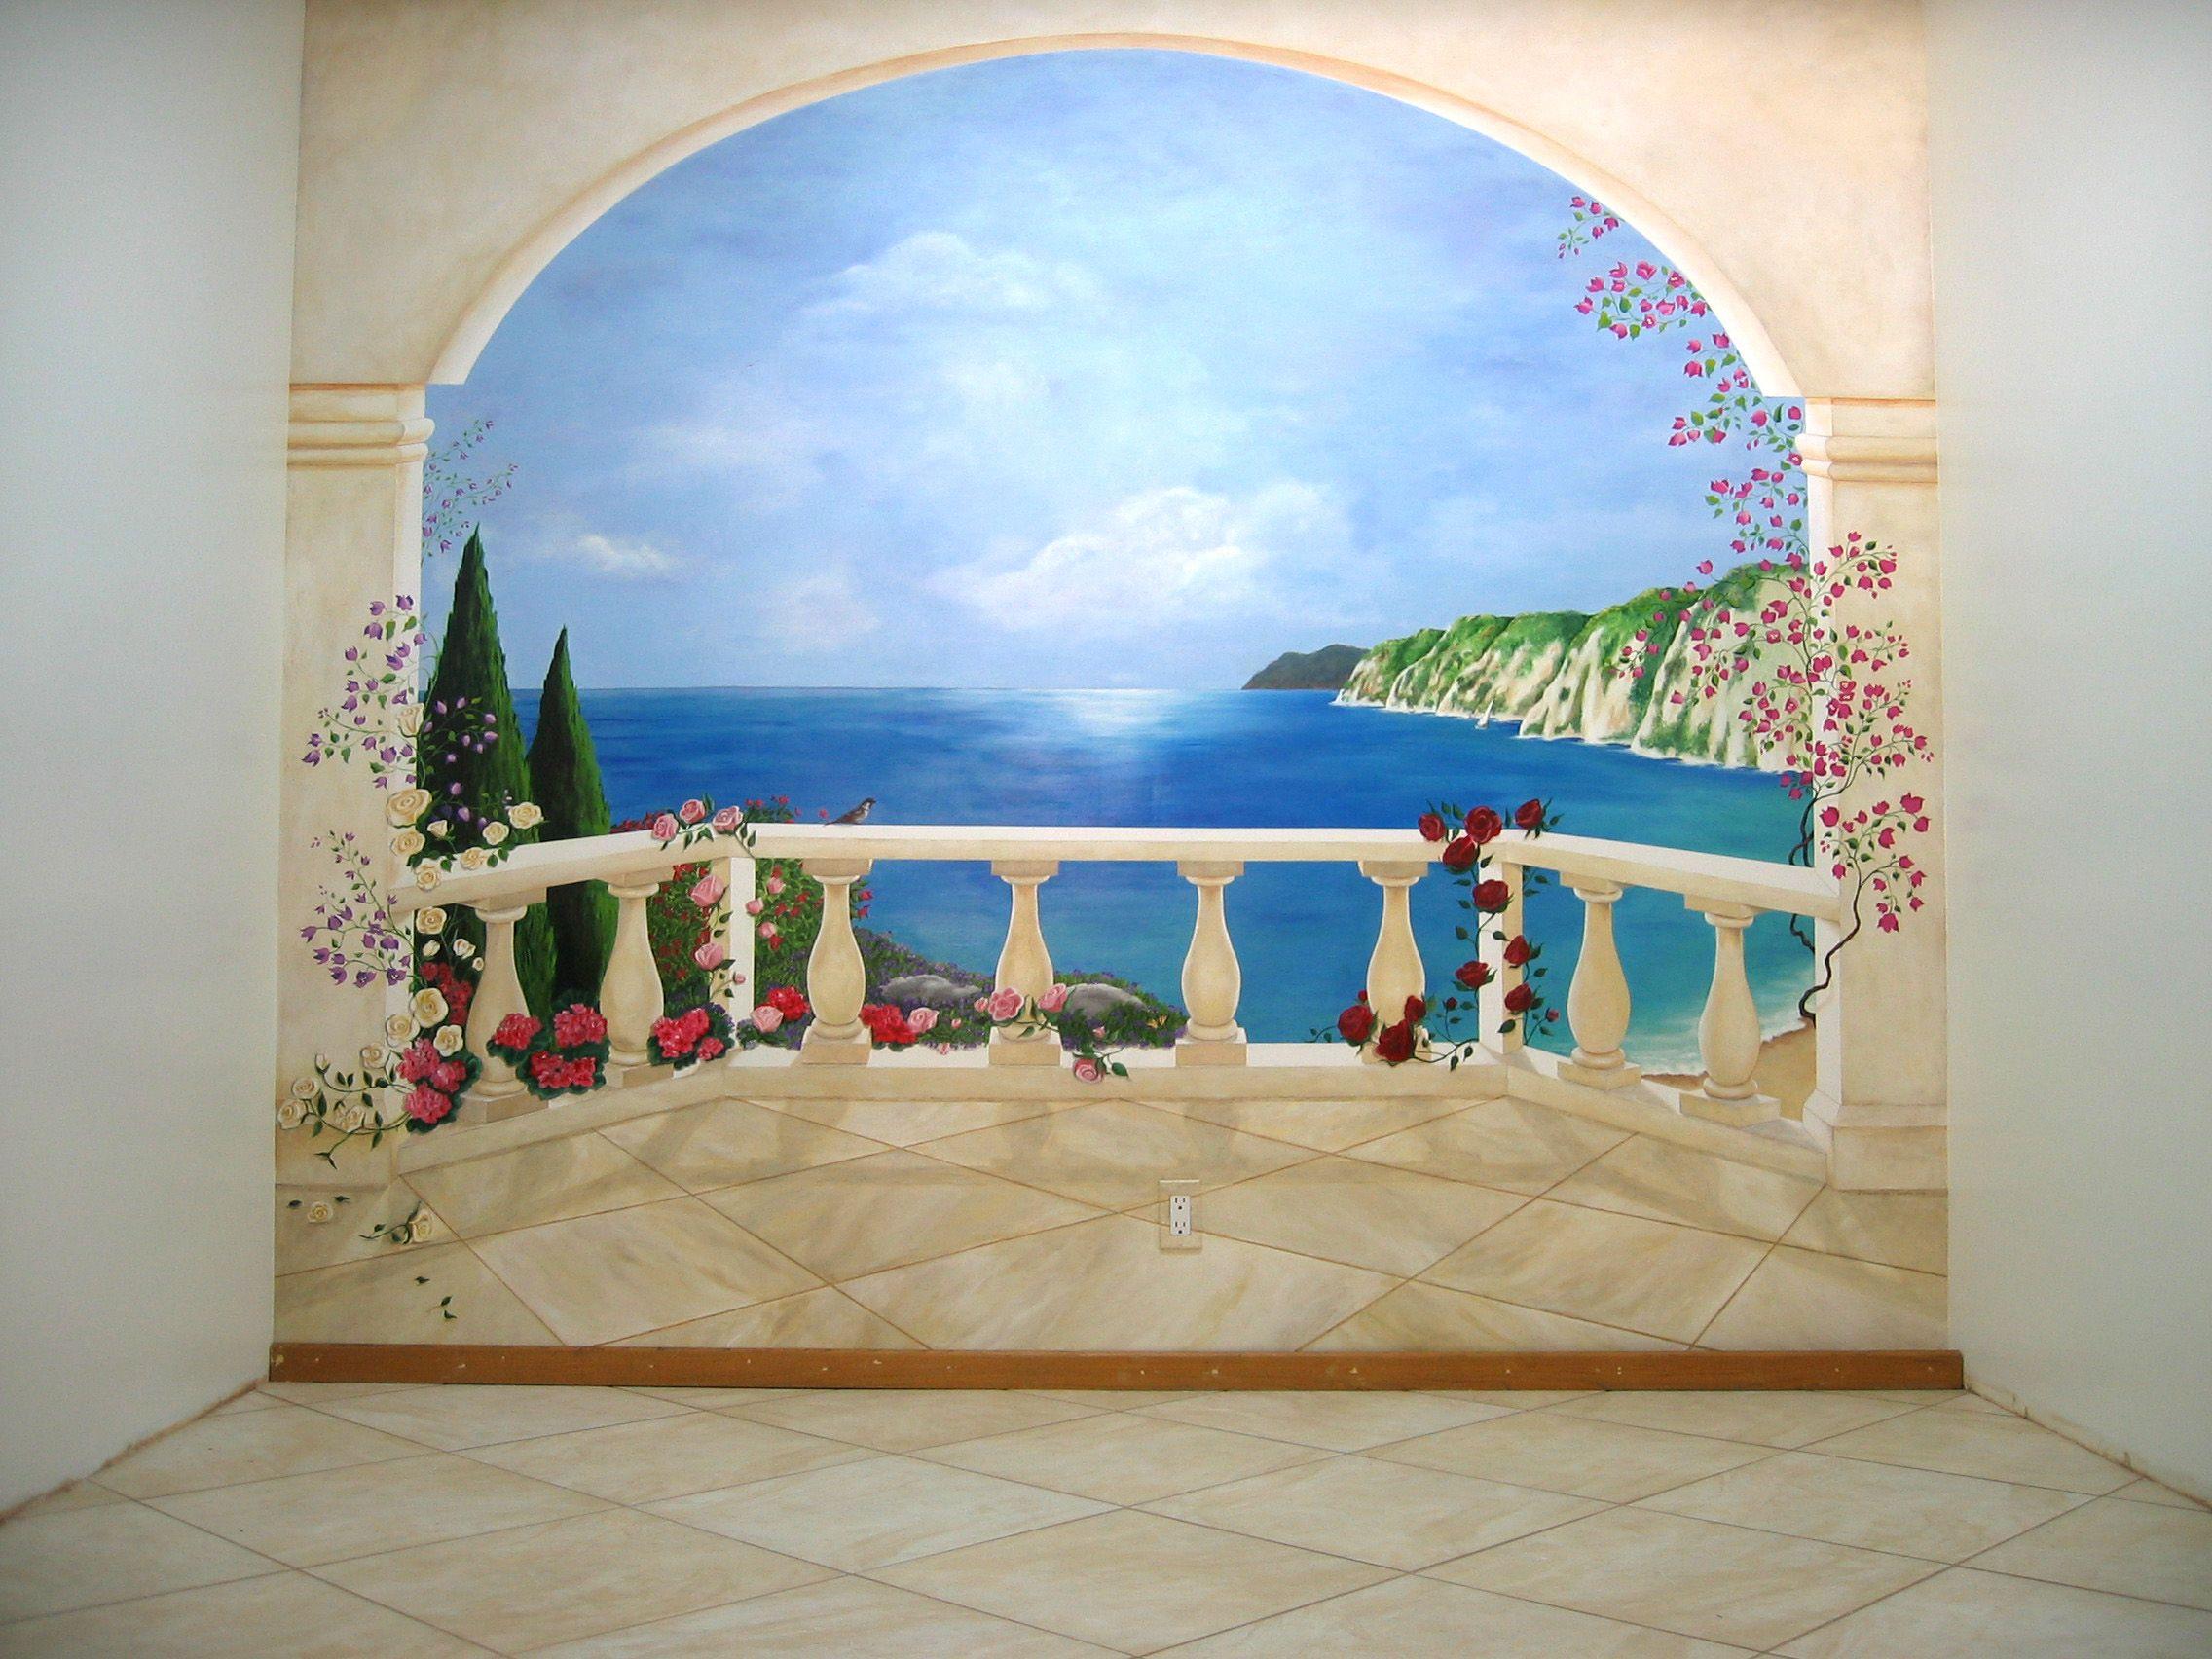 Oeil trompe wall mural trompe loeil curtains wall murals Poster mural trompe oeil